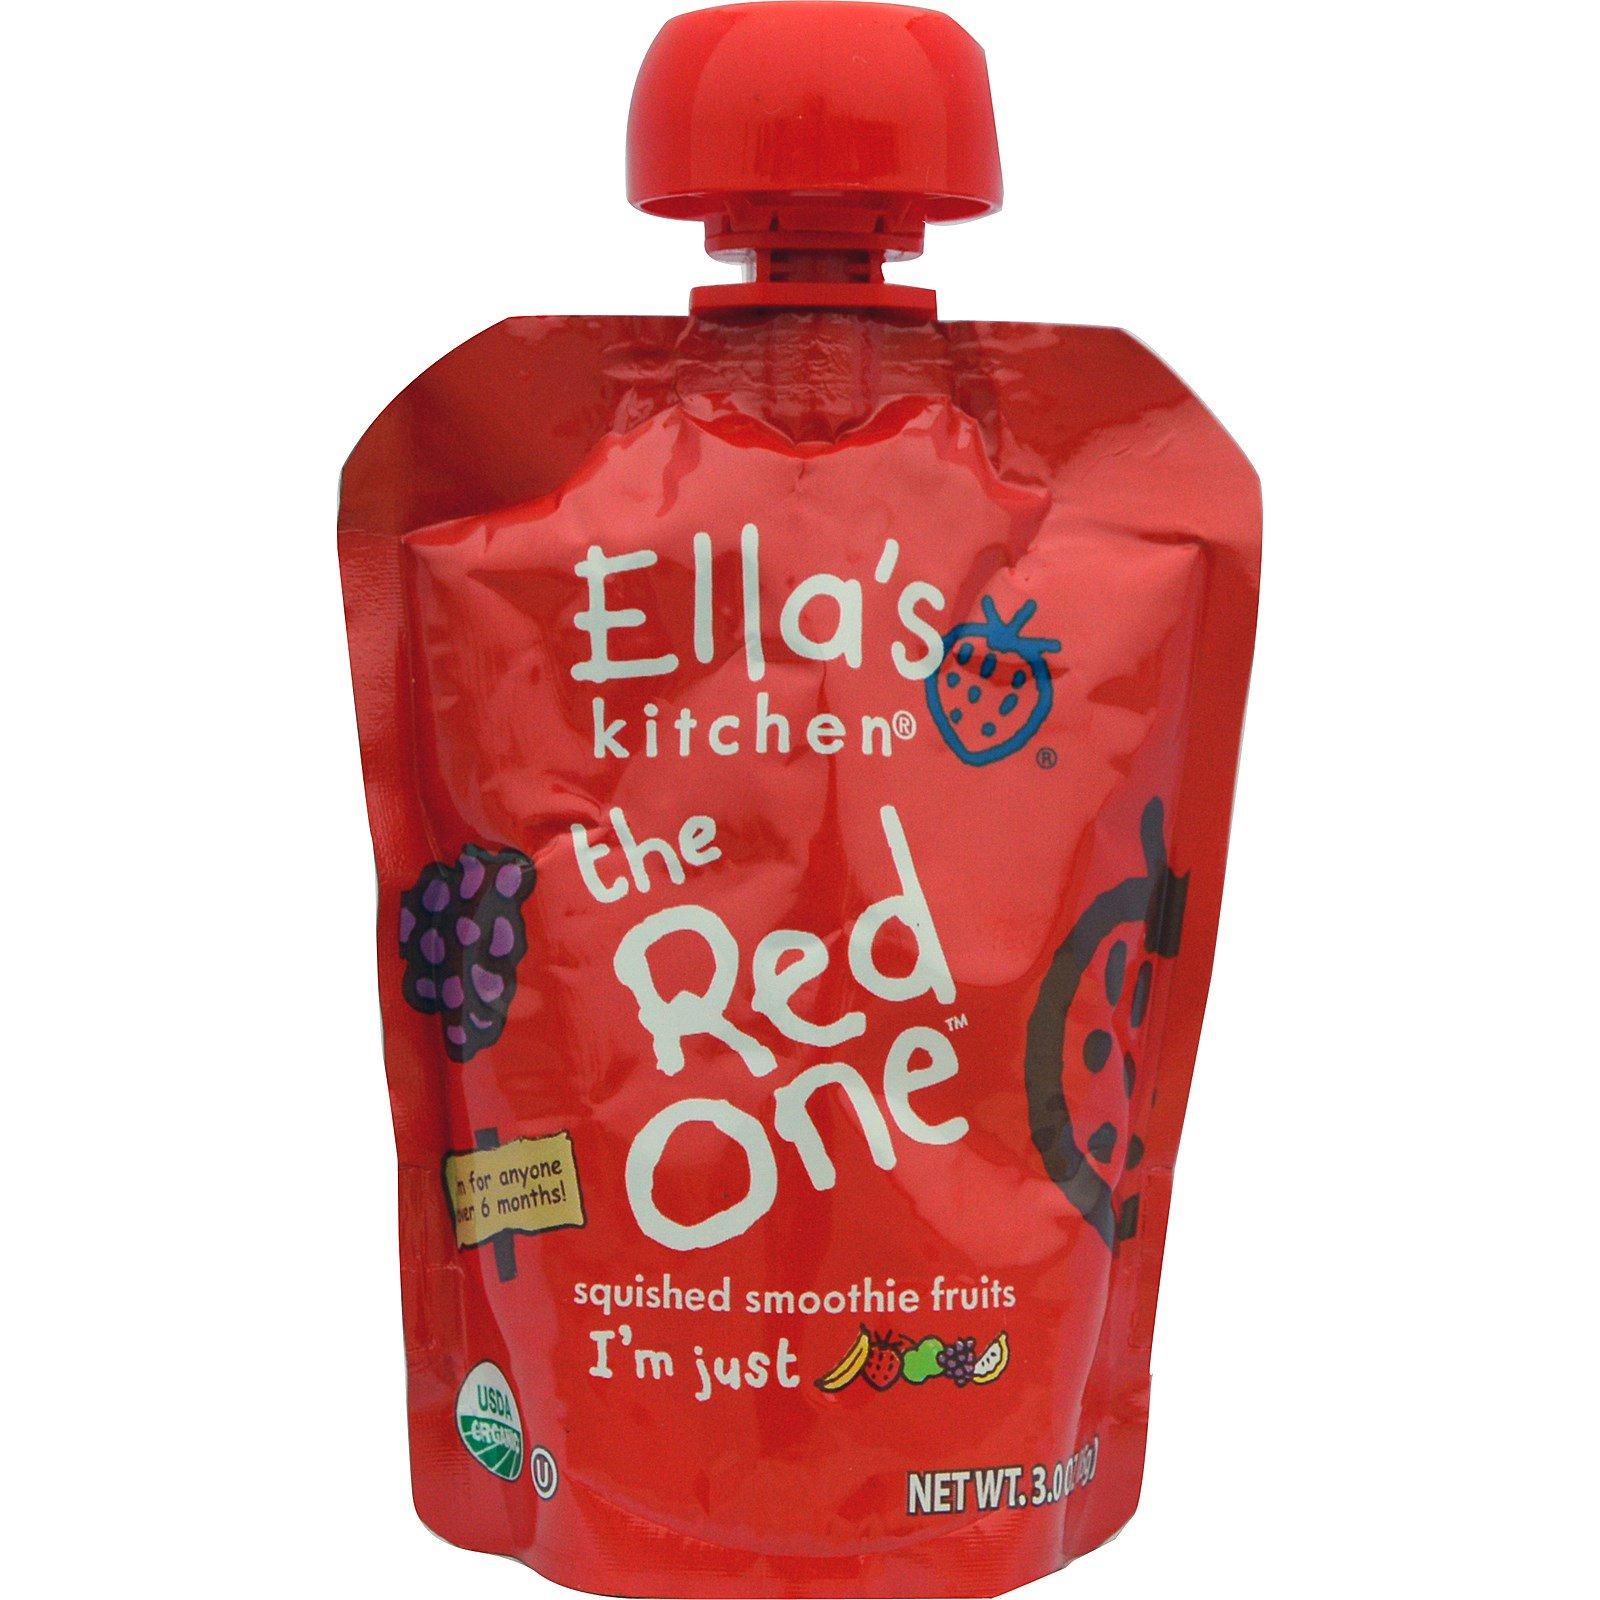 ellas kitchen the red one squished smoothie fruits - Ellas Kitchen